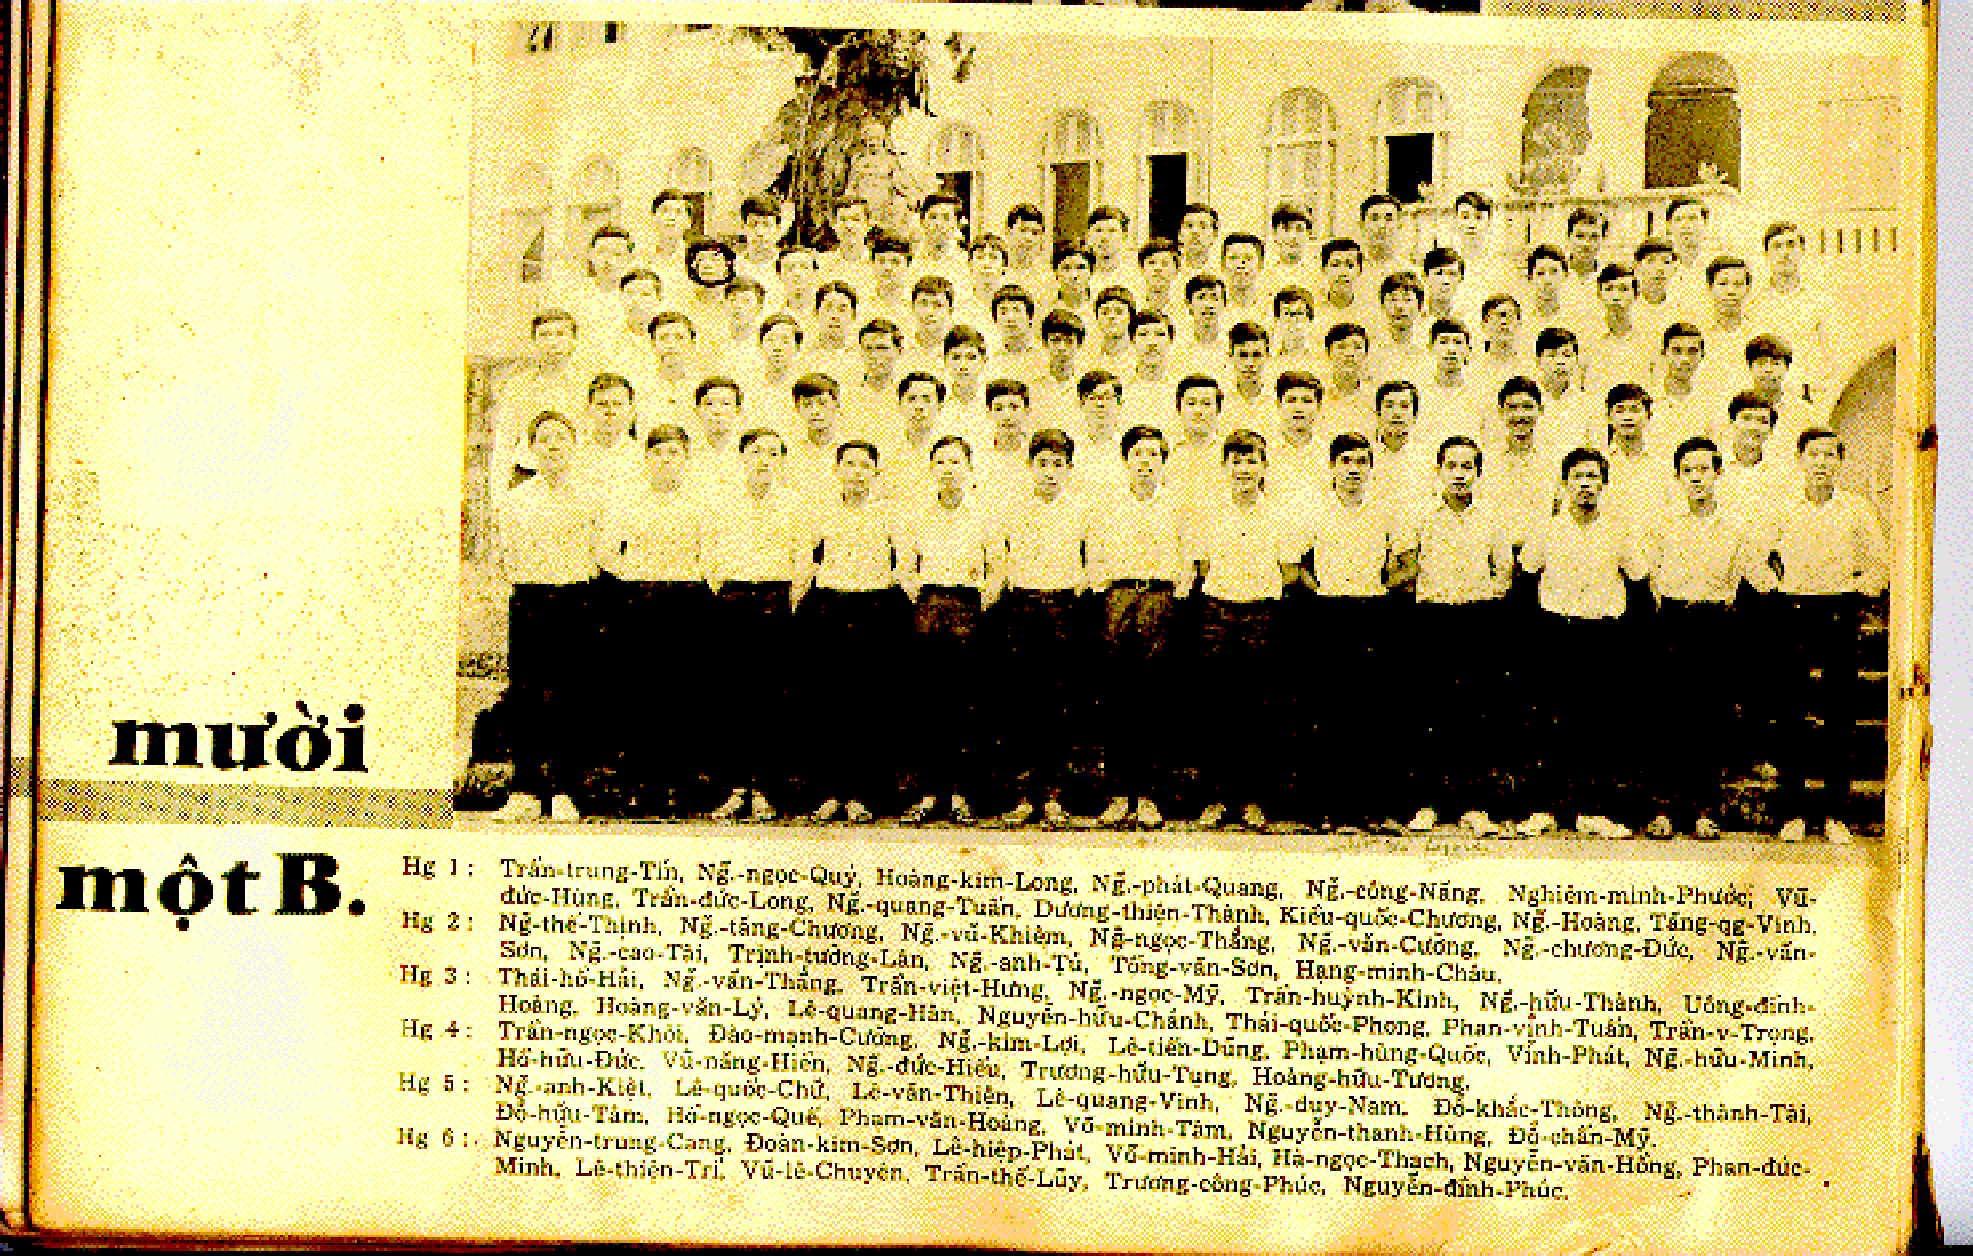 Class 11B - Year 1970